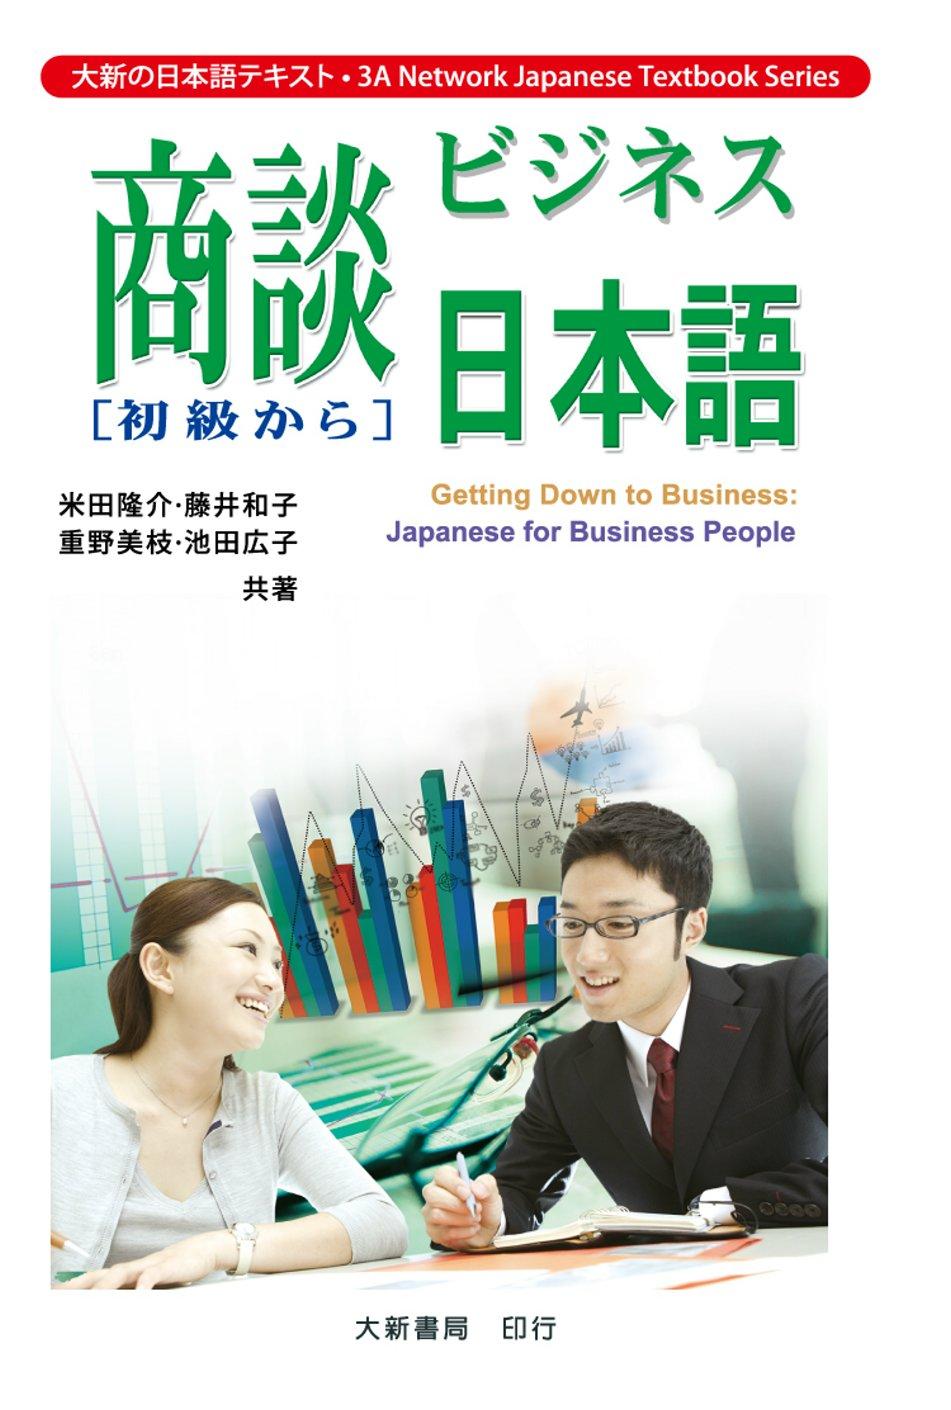 商談日本語,初級